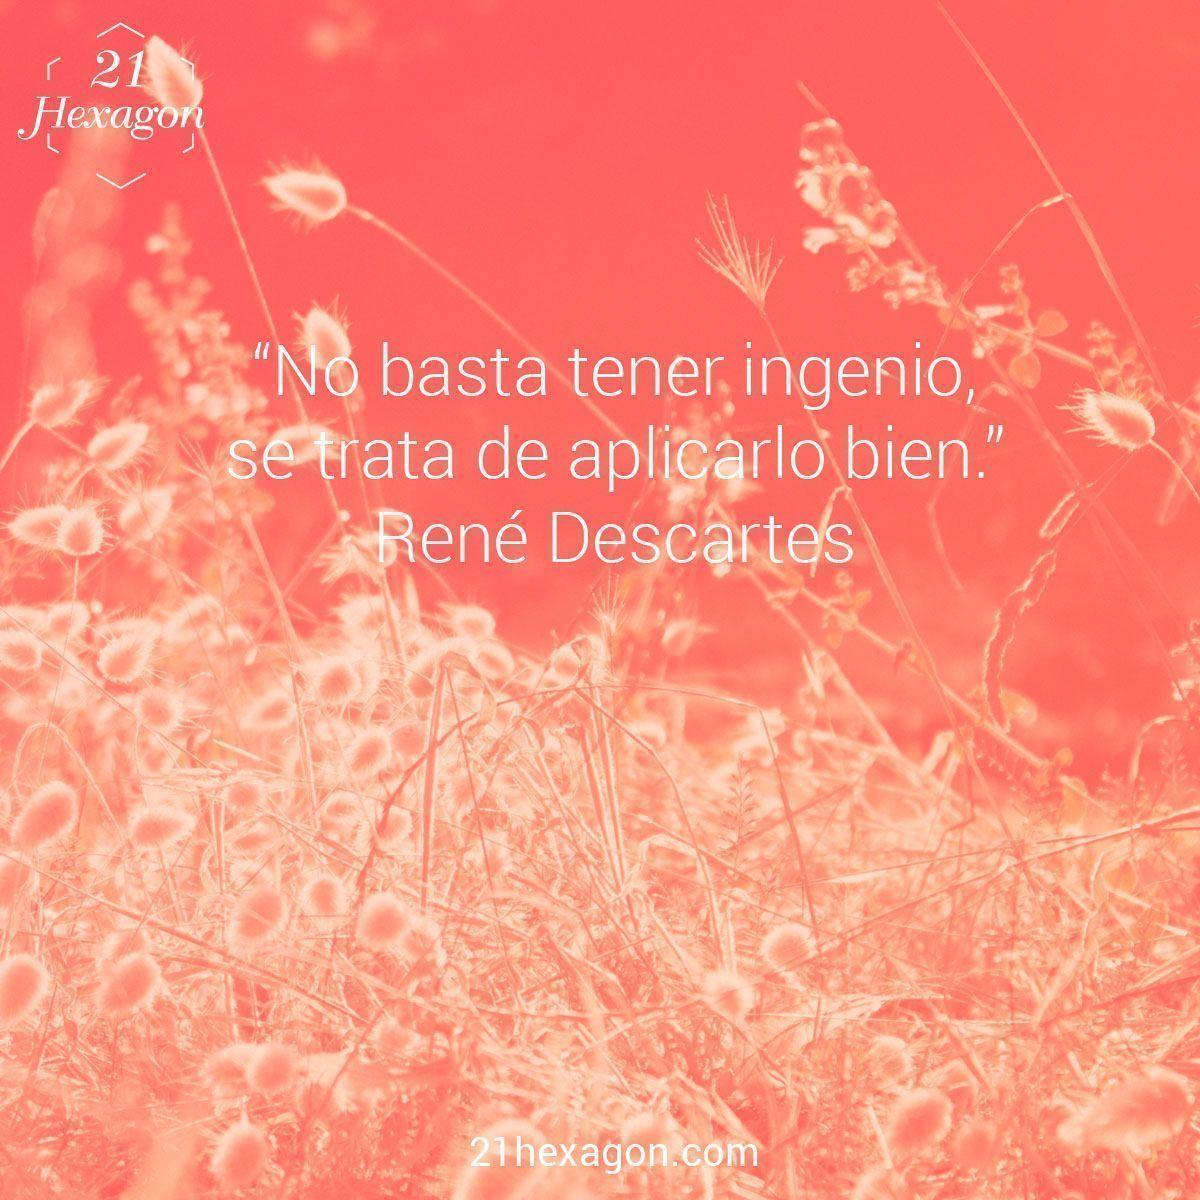 quotes_21hexagon_24.jpg